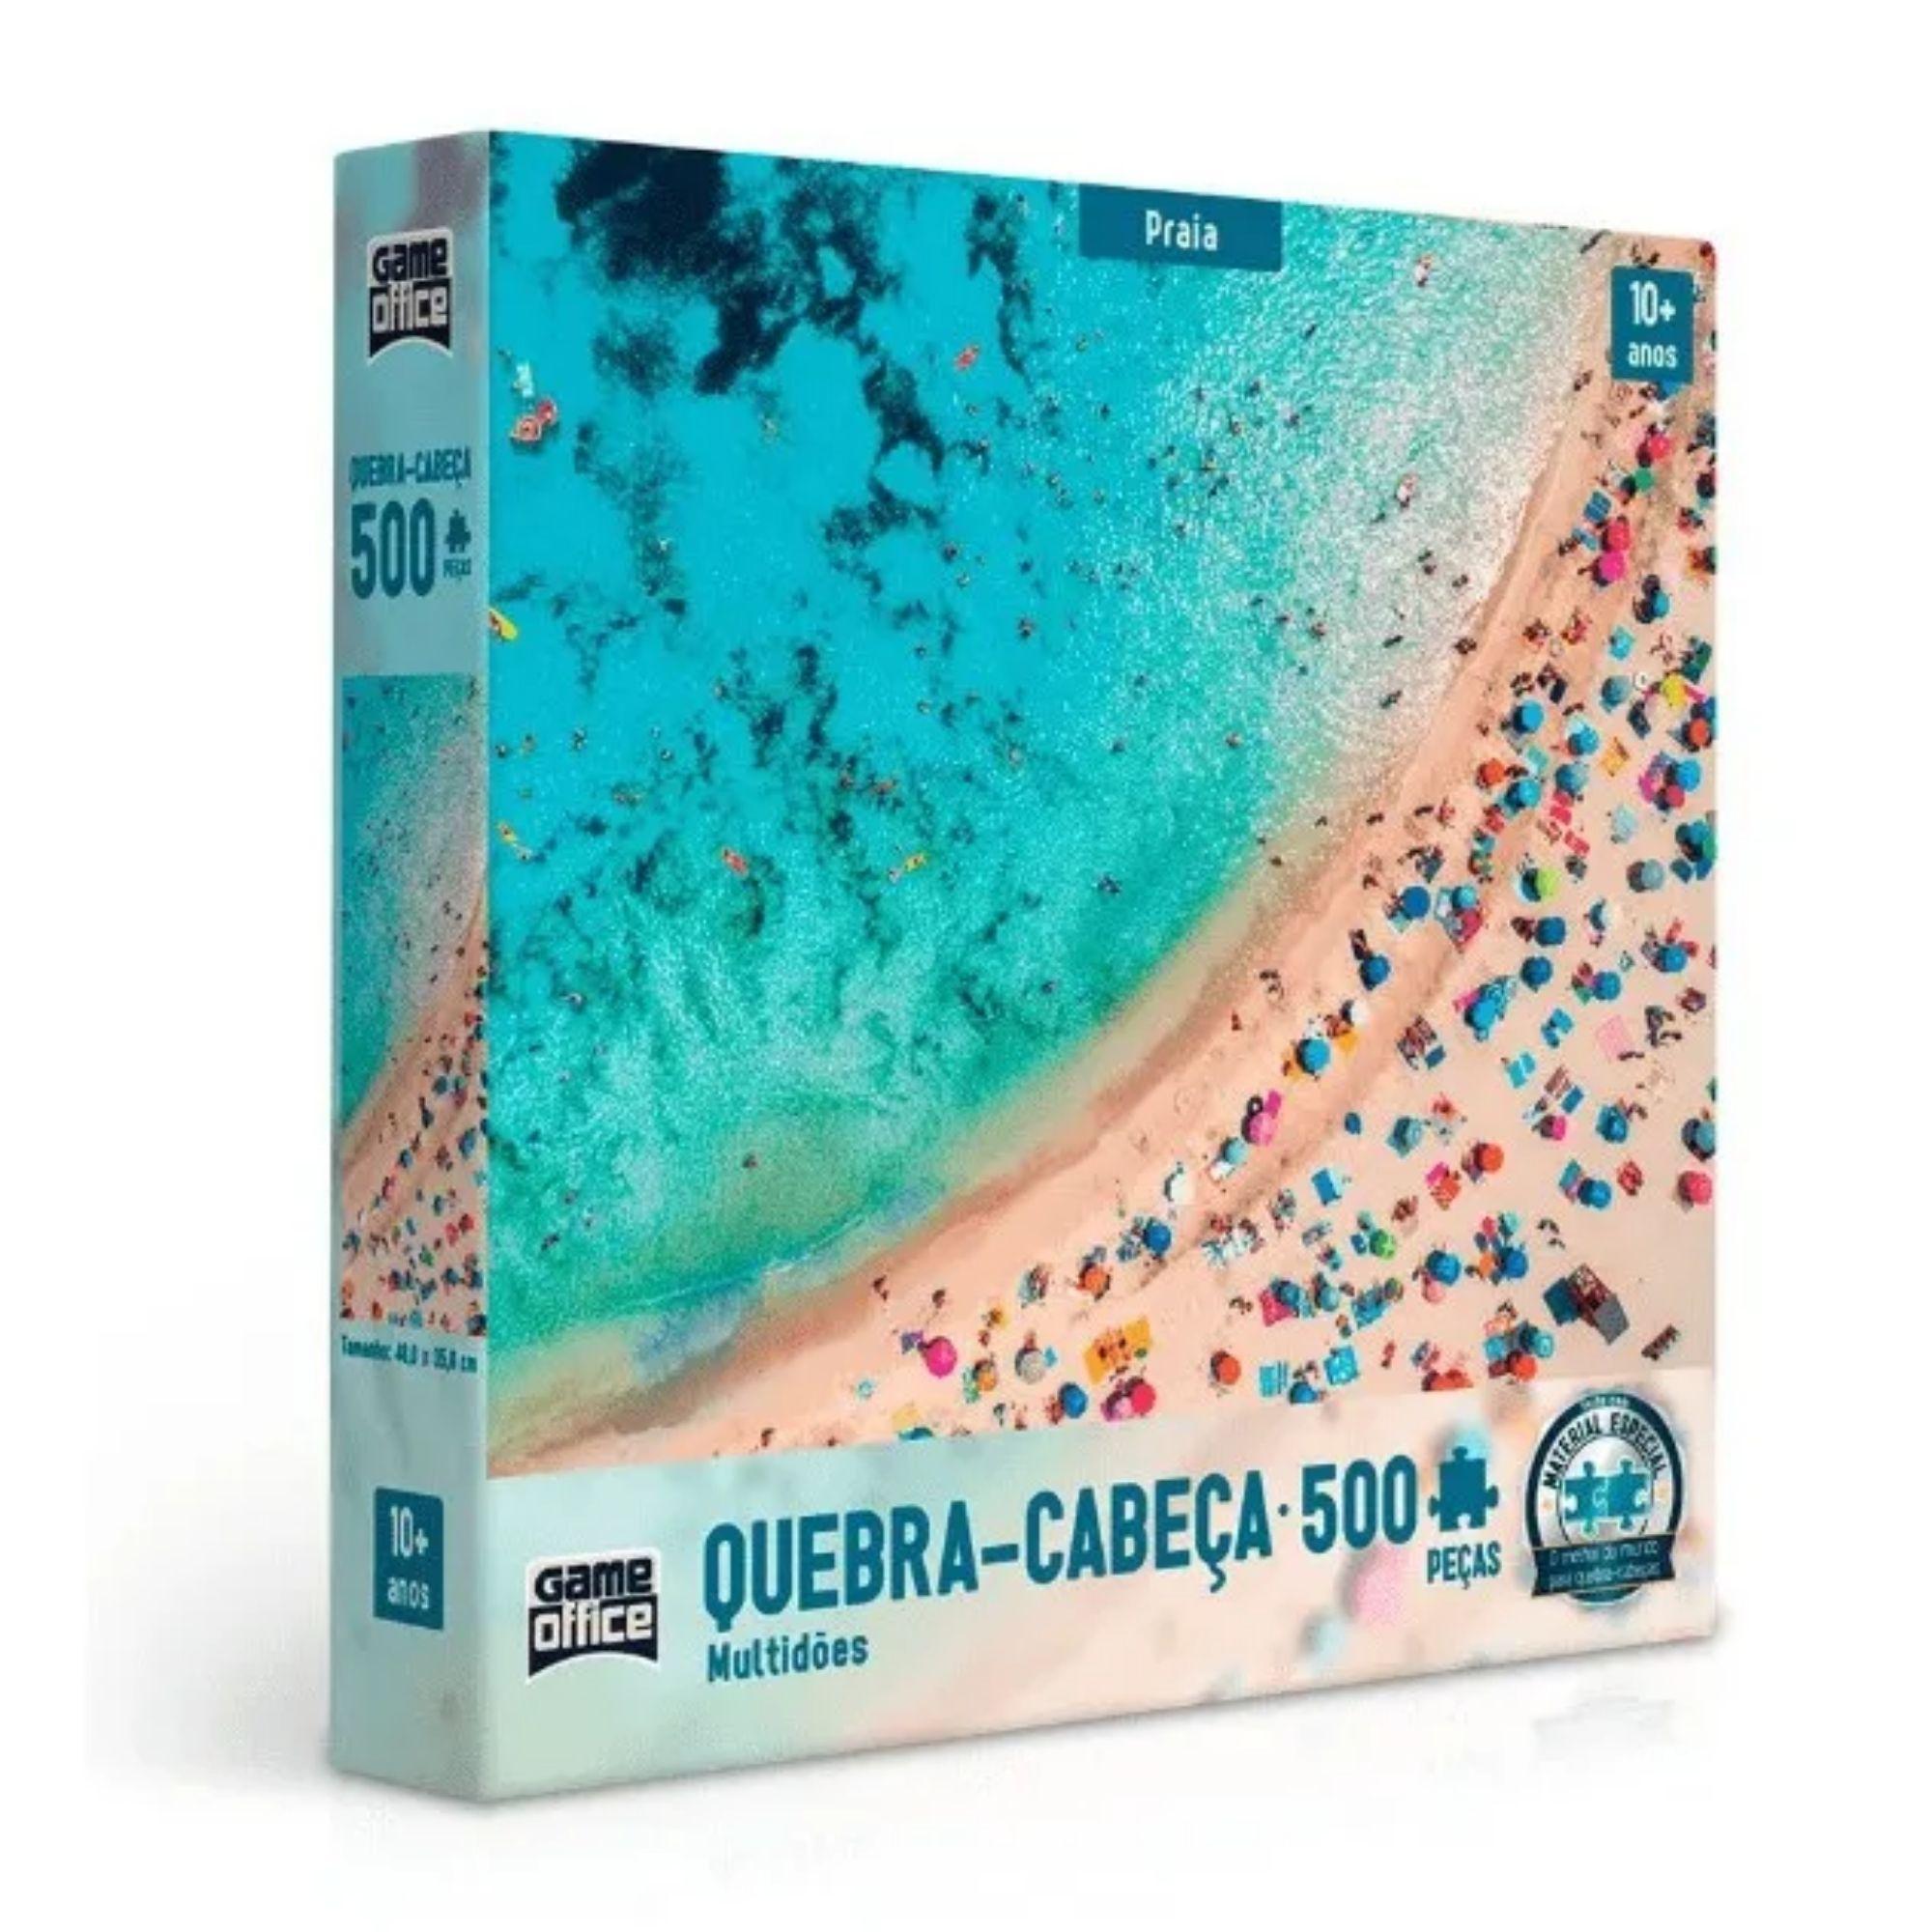 Quebra-cabeça Multidões - Praia - 500 peças - Game Office